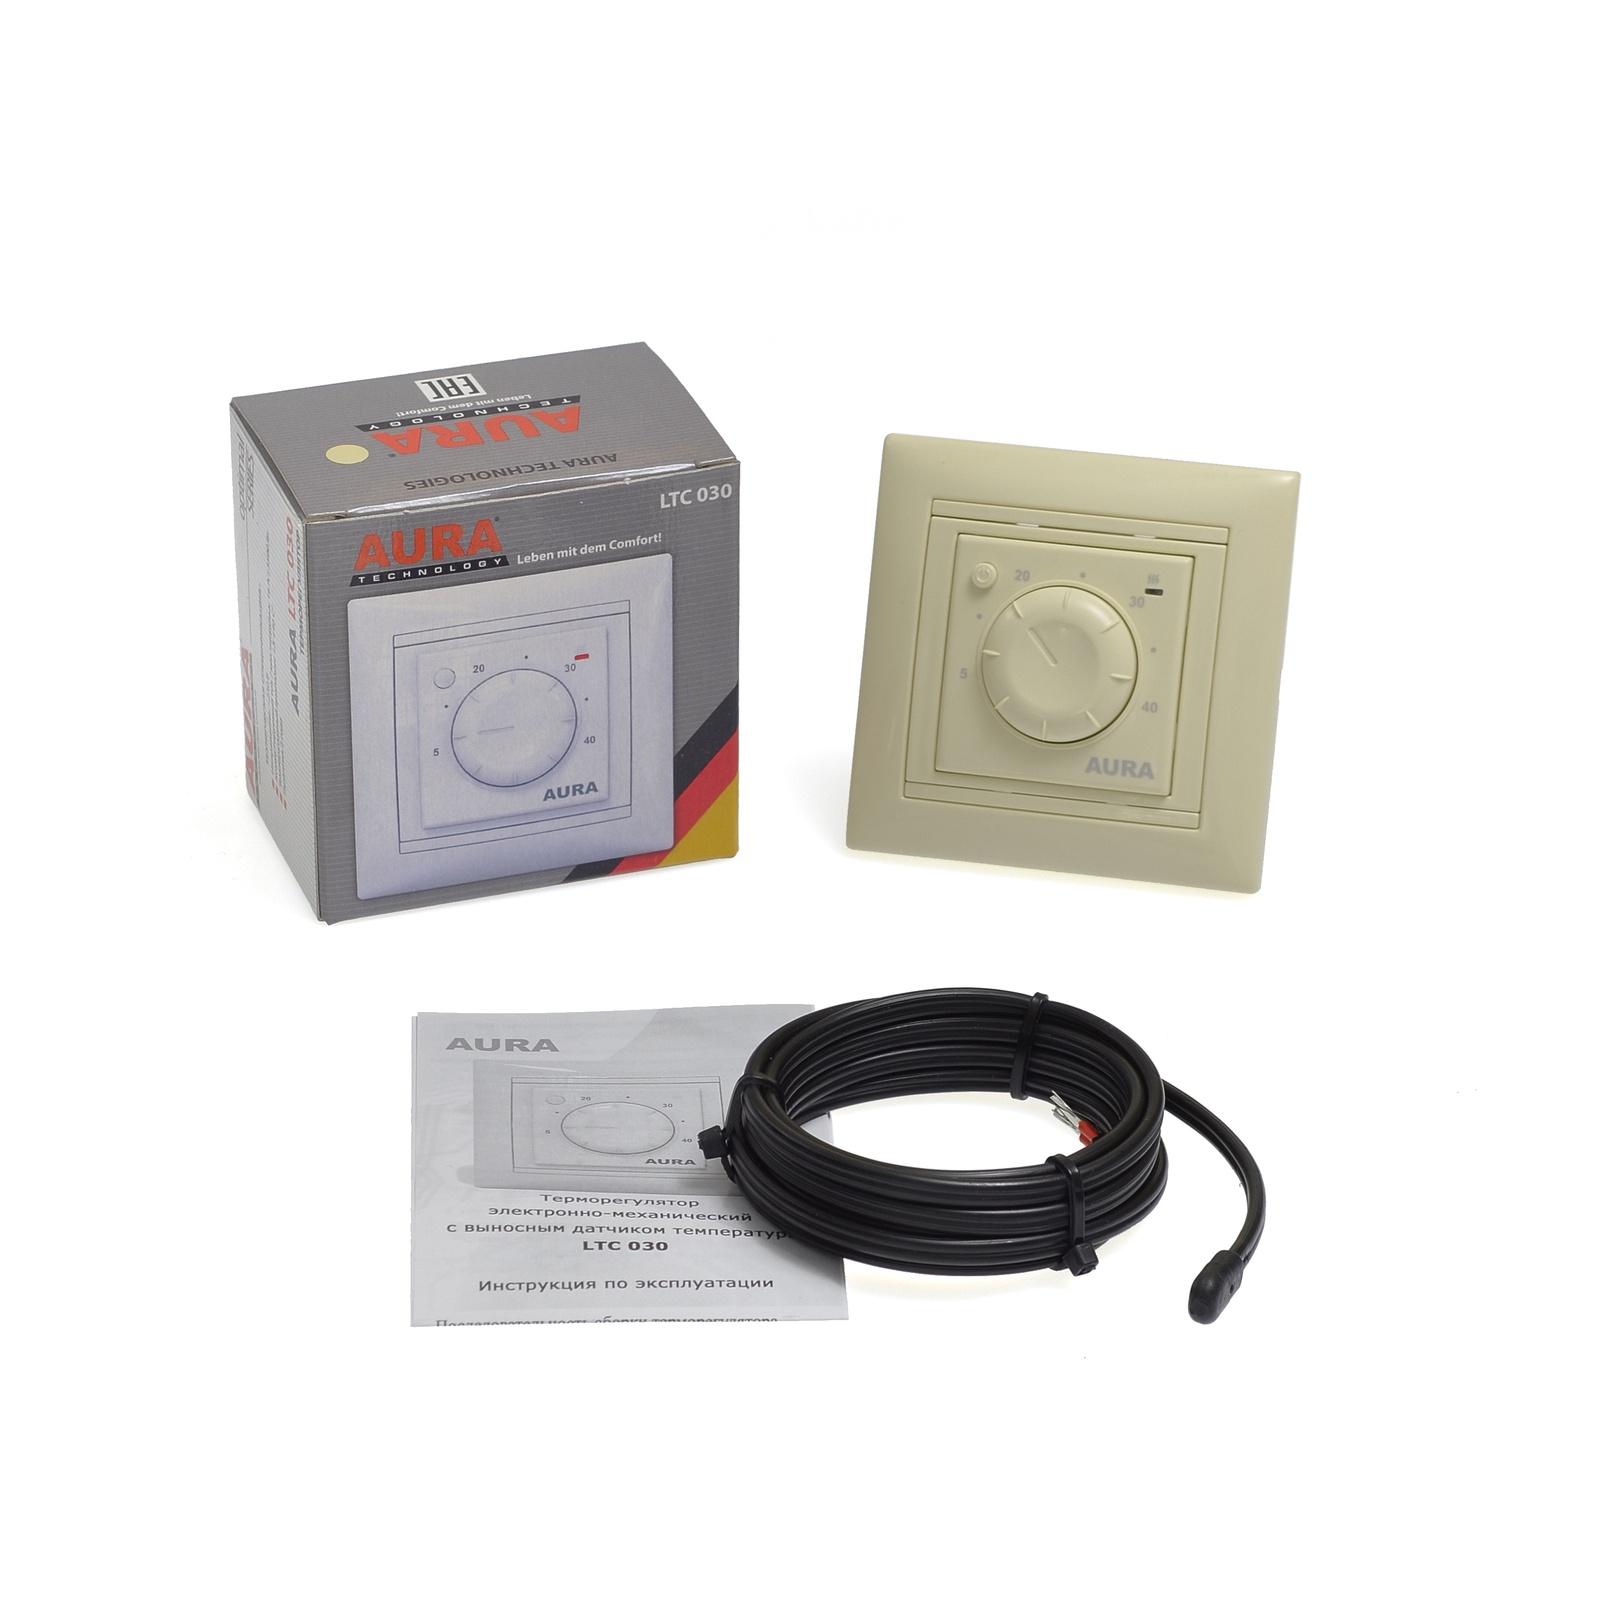 Фото - Регулятор температуры электронный AURA LTC 030 крем терморегулятор aura ltc 530 white